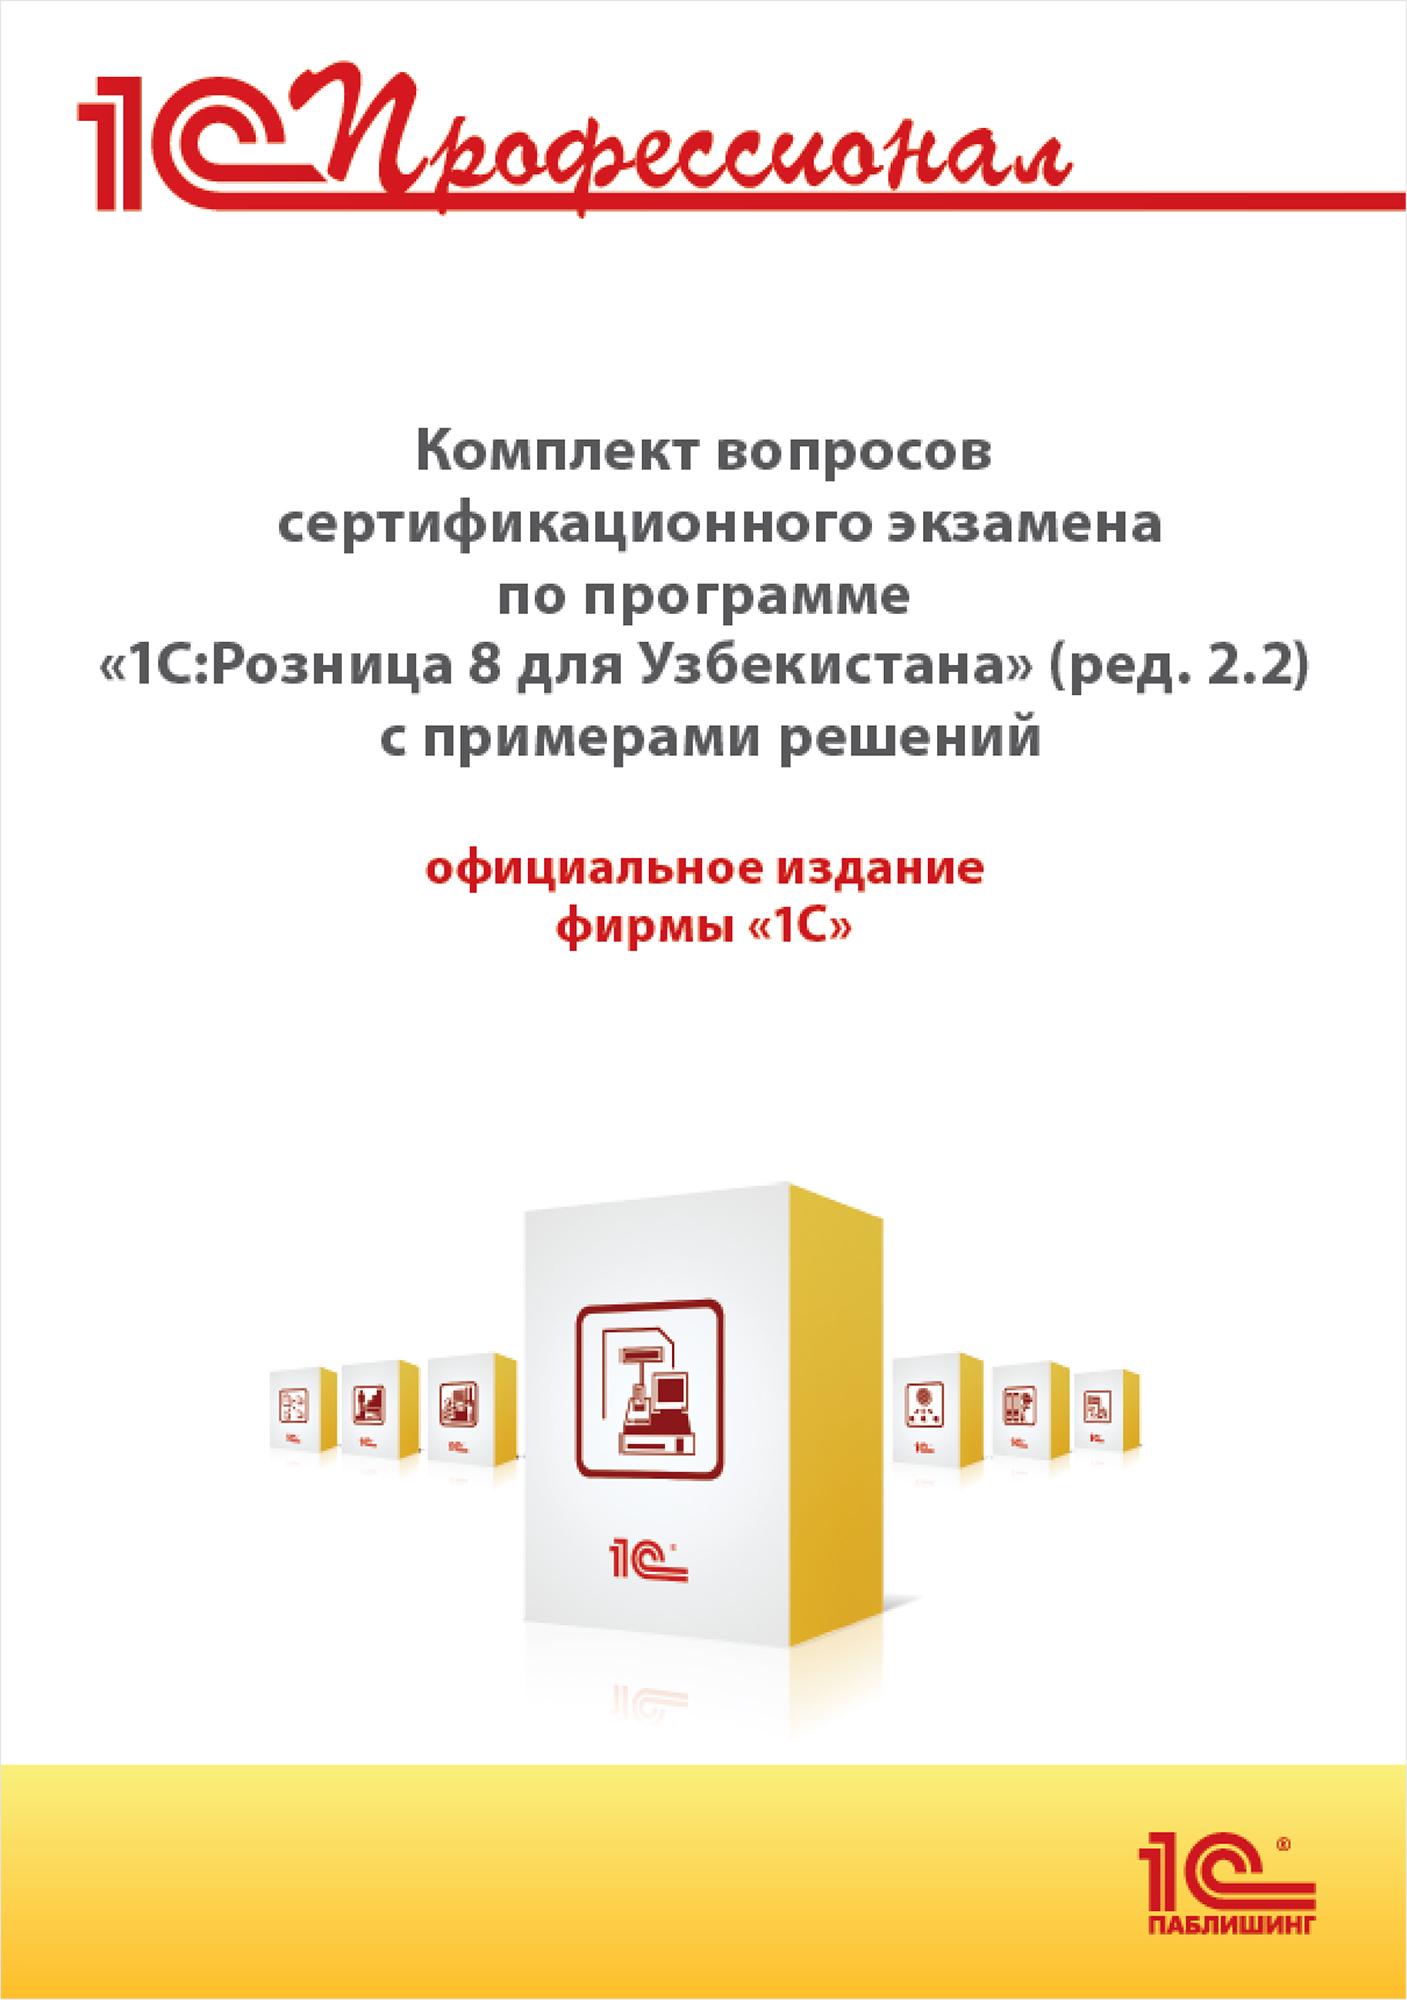 Комплект вопросов сертификационного экзамена 1С:Профессионал по программе по программе «1С:Управление компанией 8 для Узбекистана» (ред. 1.6) с примерами решений (цифровая версия) (Цифровая версия)